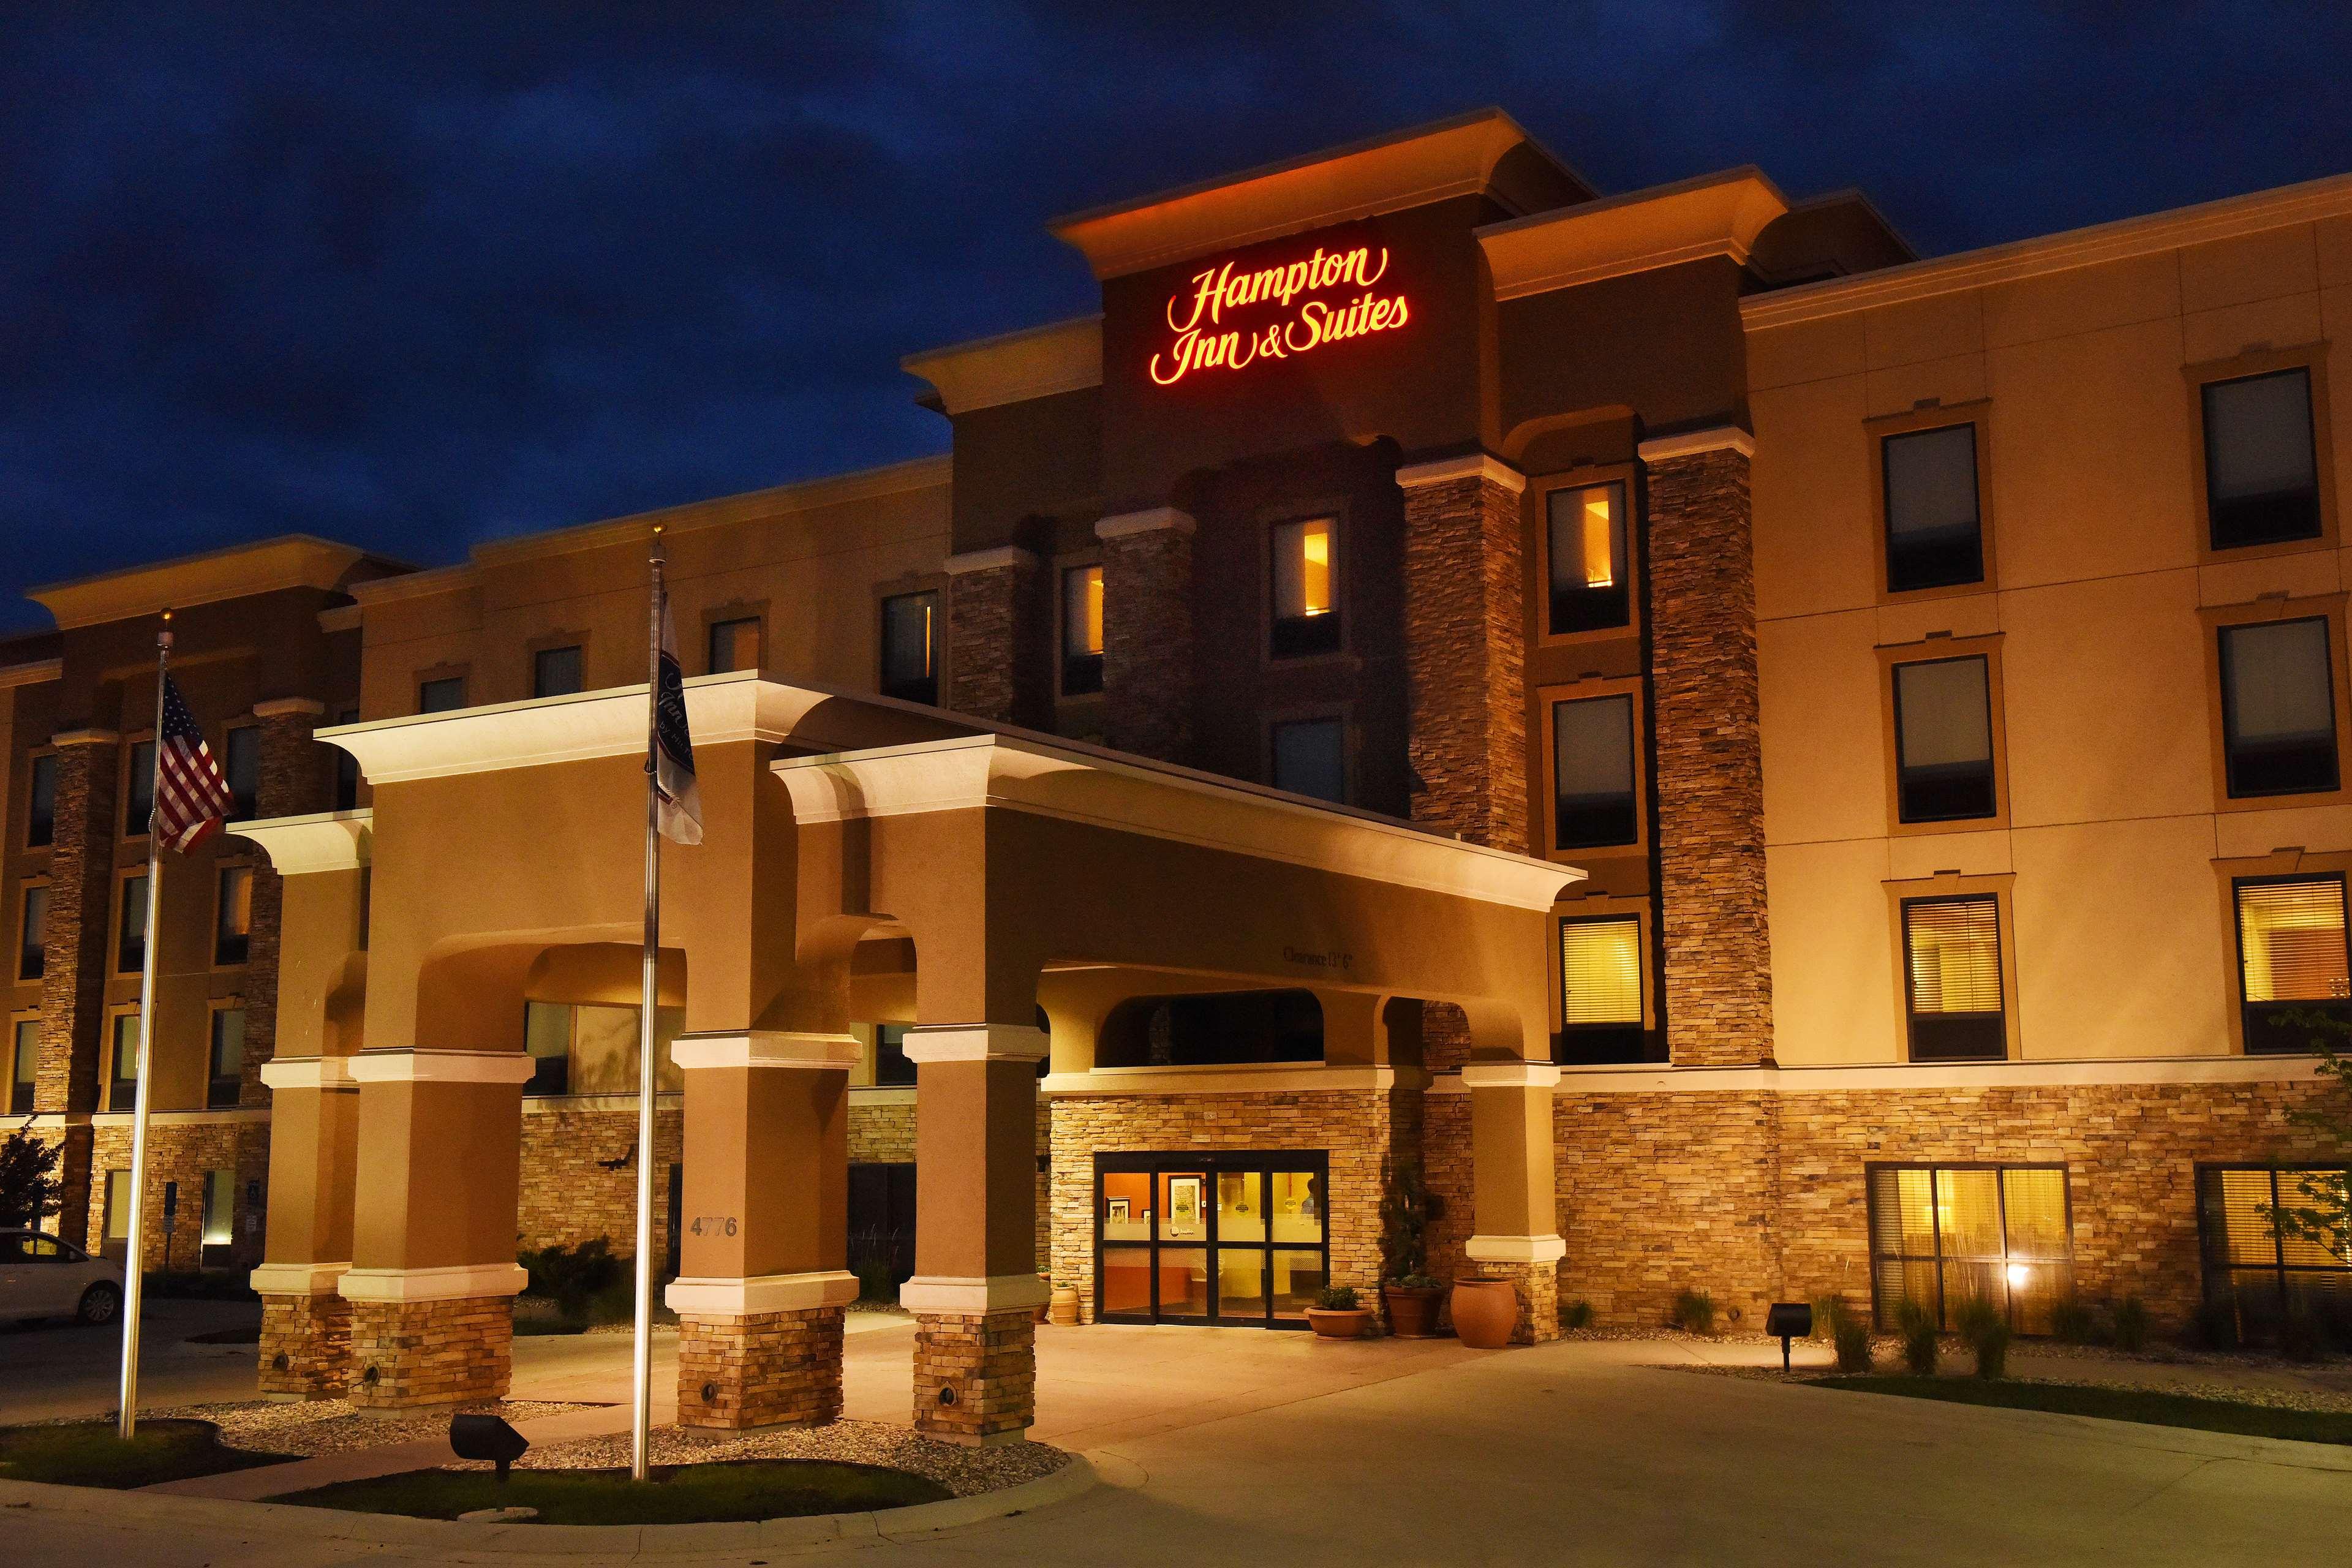 Hampton Inn & Suites Fargo image 1